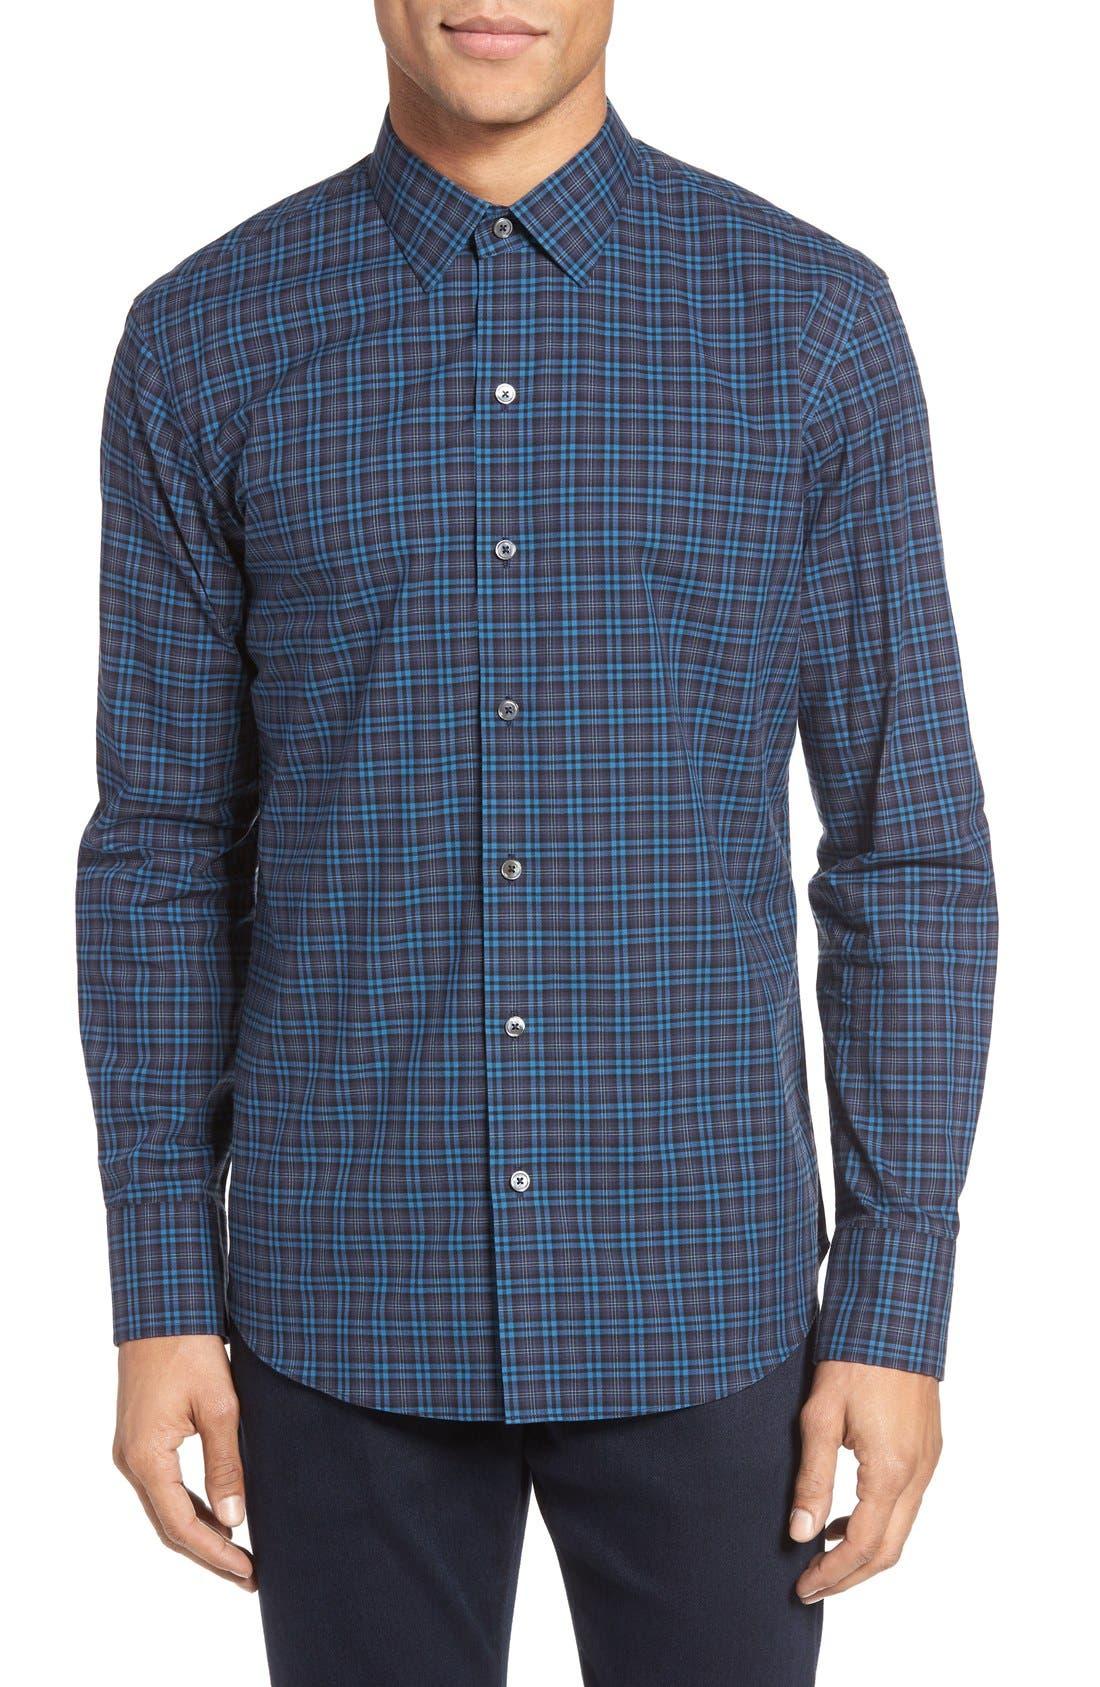 Adler Trim Fit Plaid Sport Shirt,                         Main,                         color, Blue